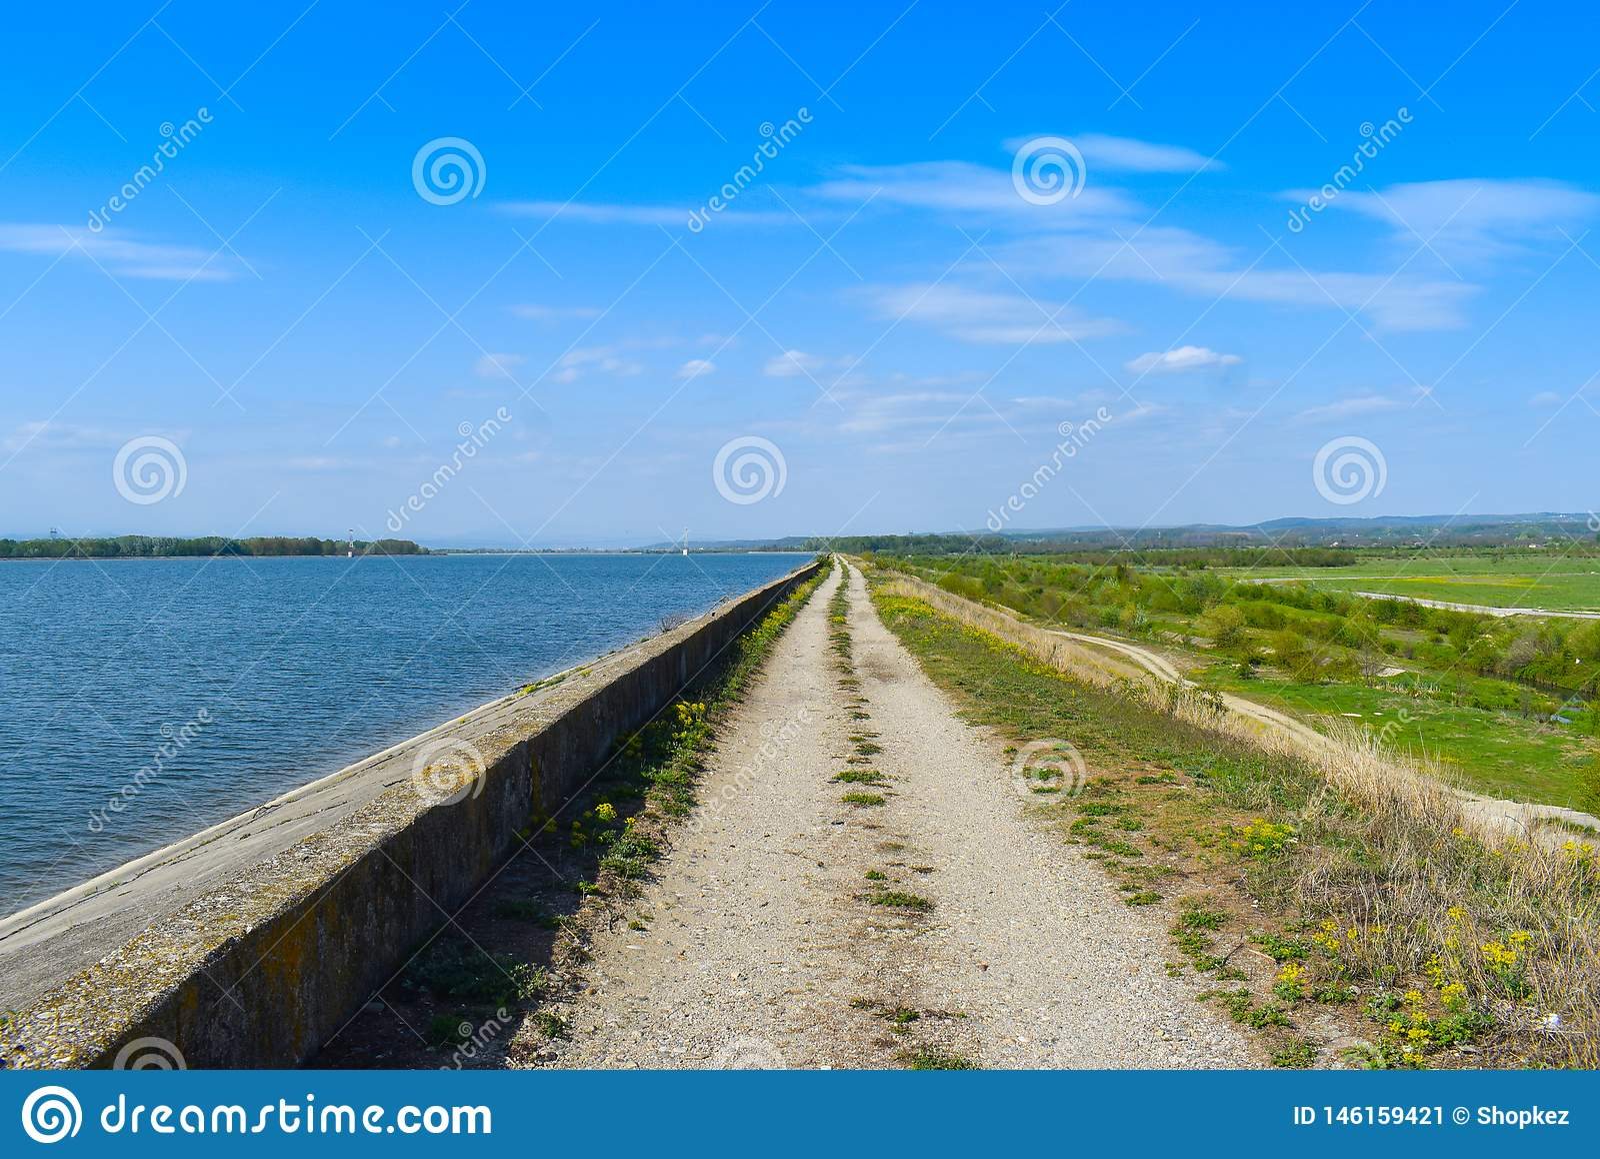 沿湖水坝的乡下公路在与完善的天空蔚蓝的一个晴朗的夏日